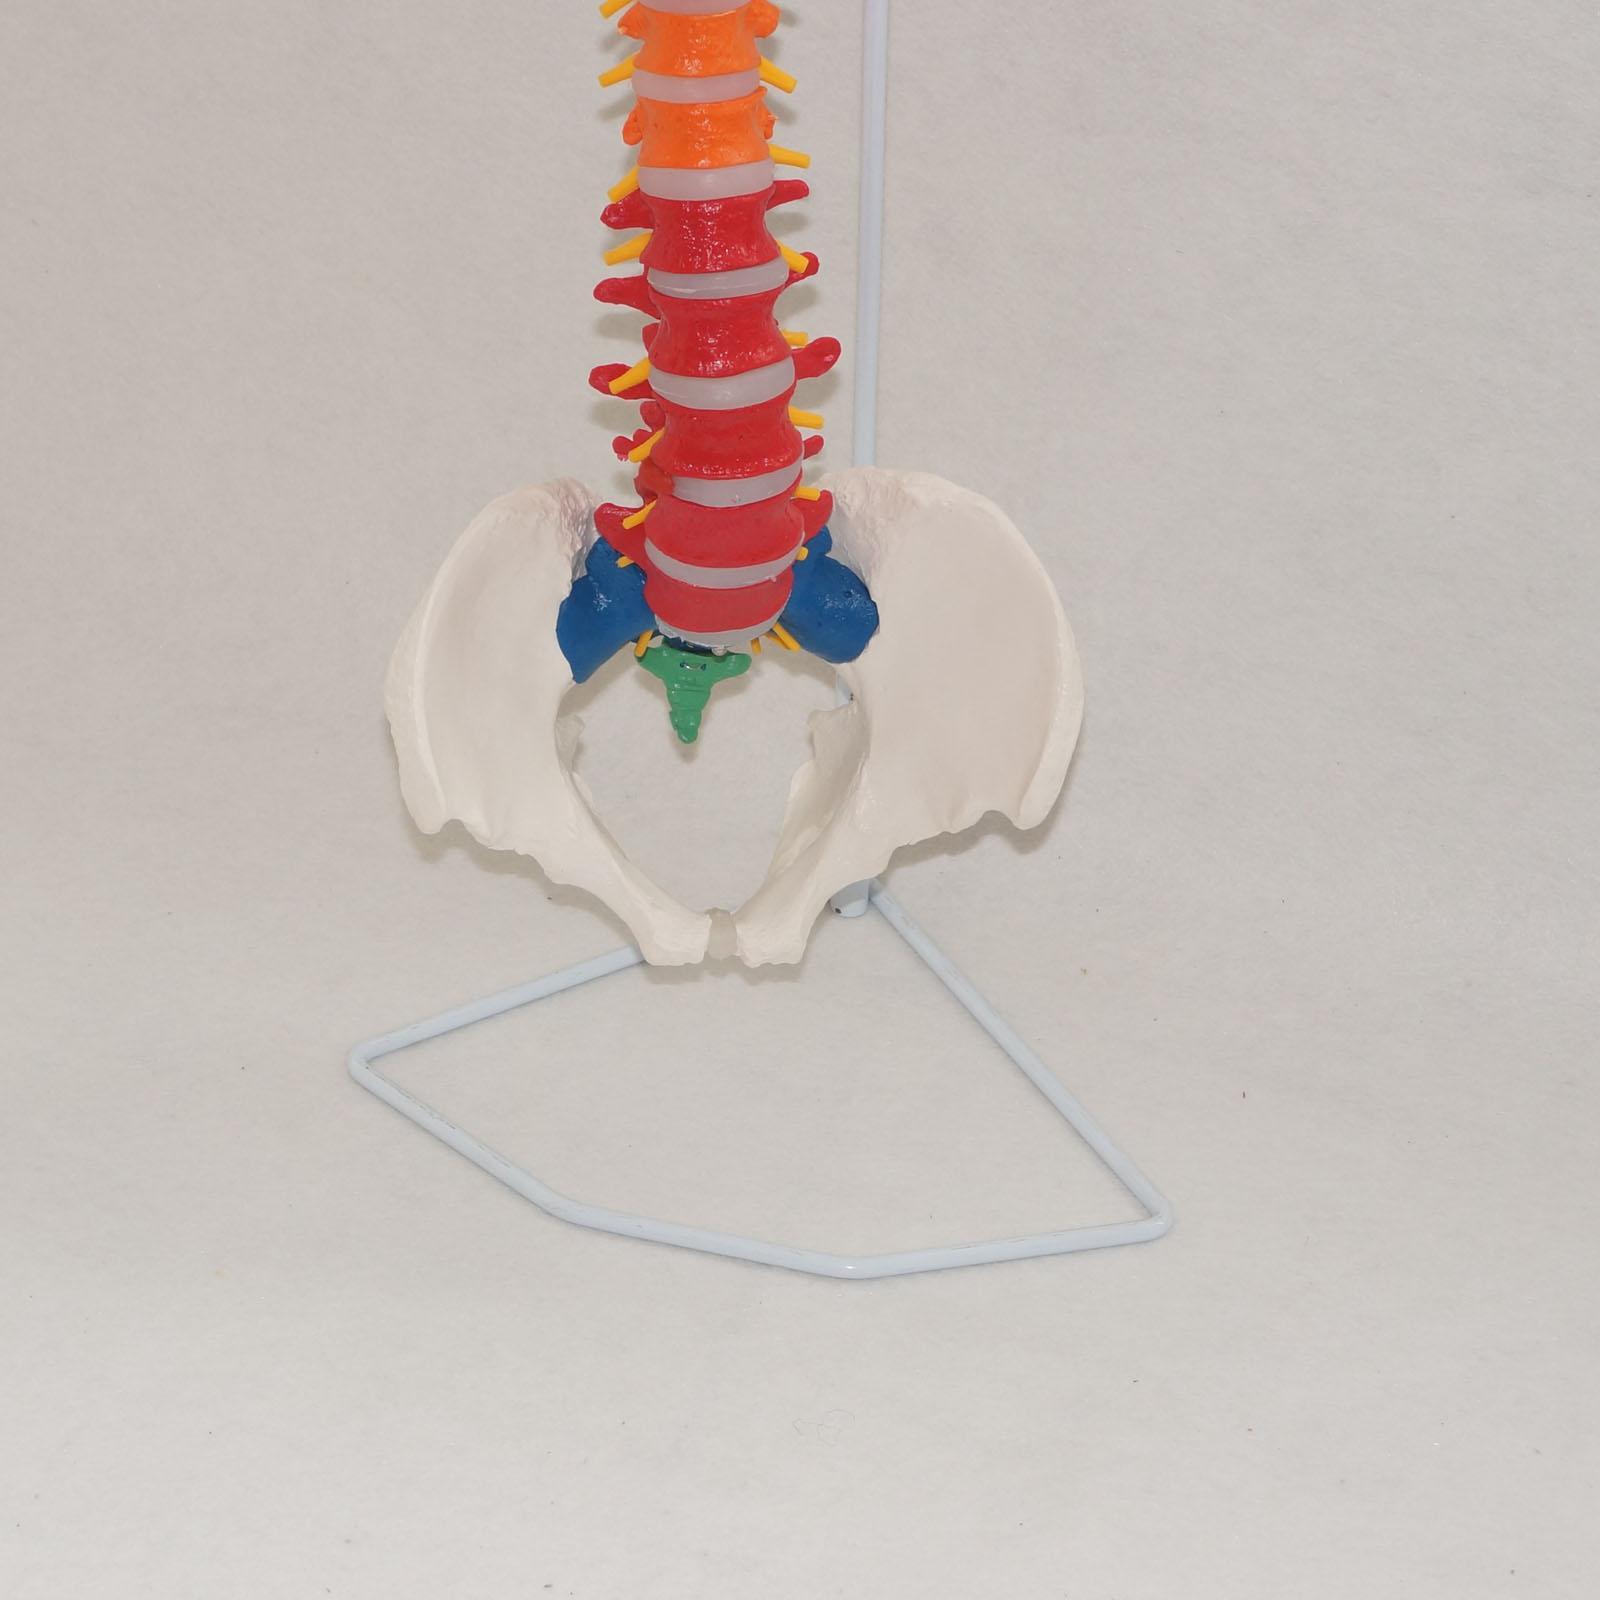 Farbige Didactic Flexible Wirbelsäule Anatomie Modell Menschliches ...